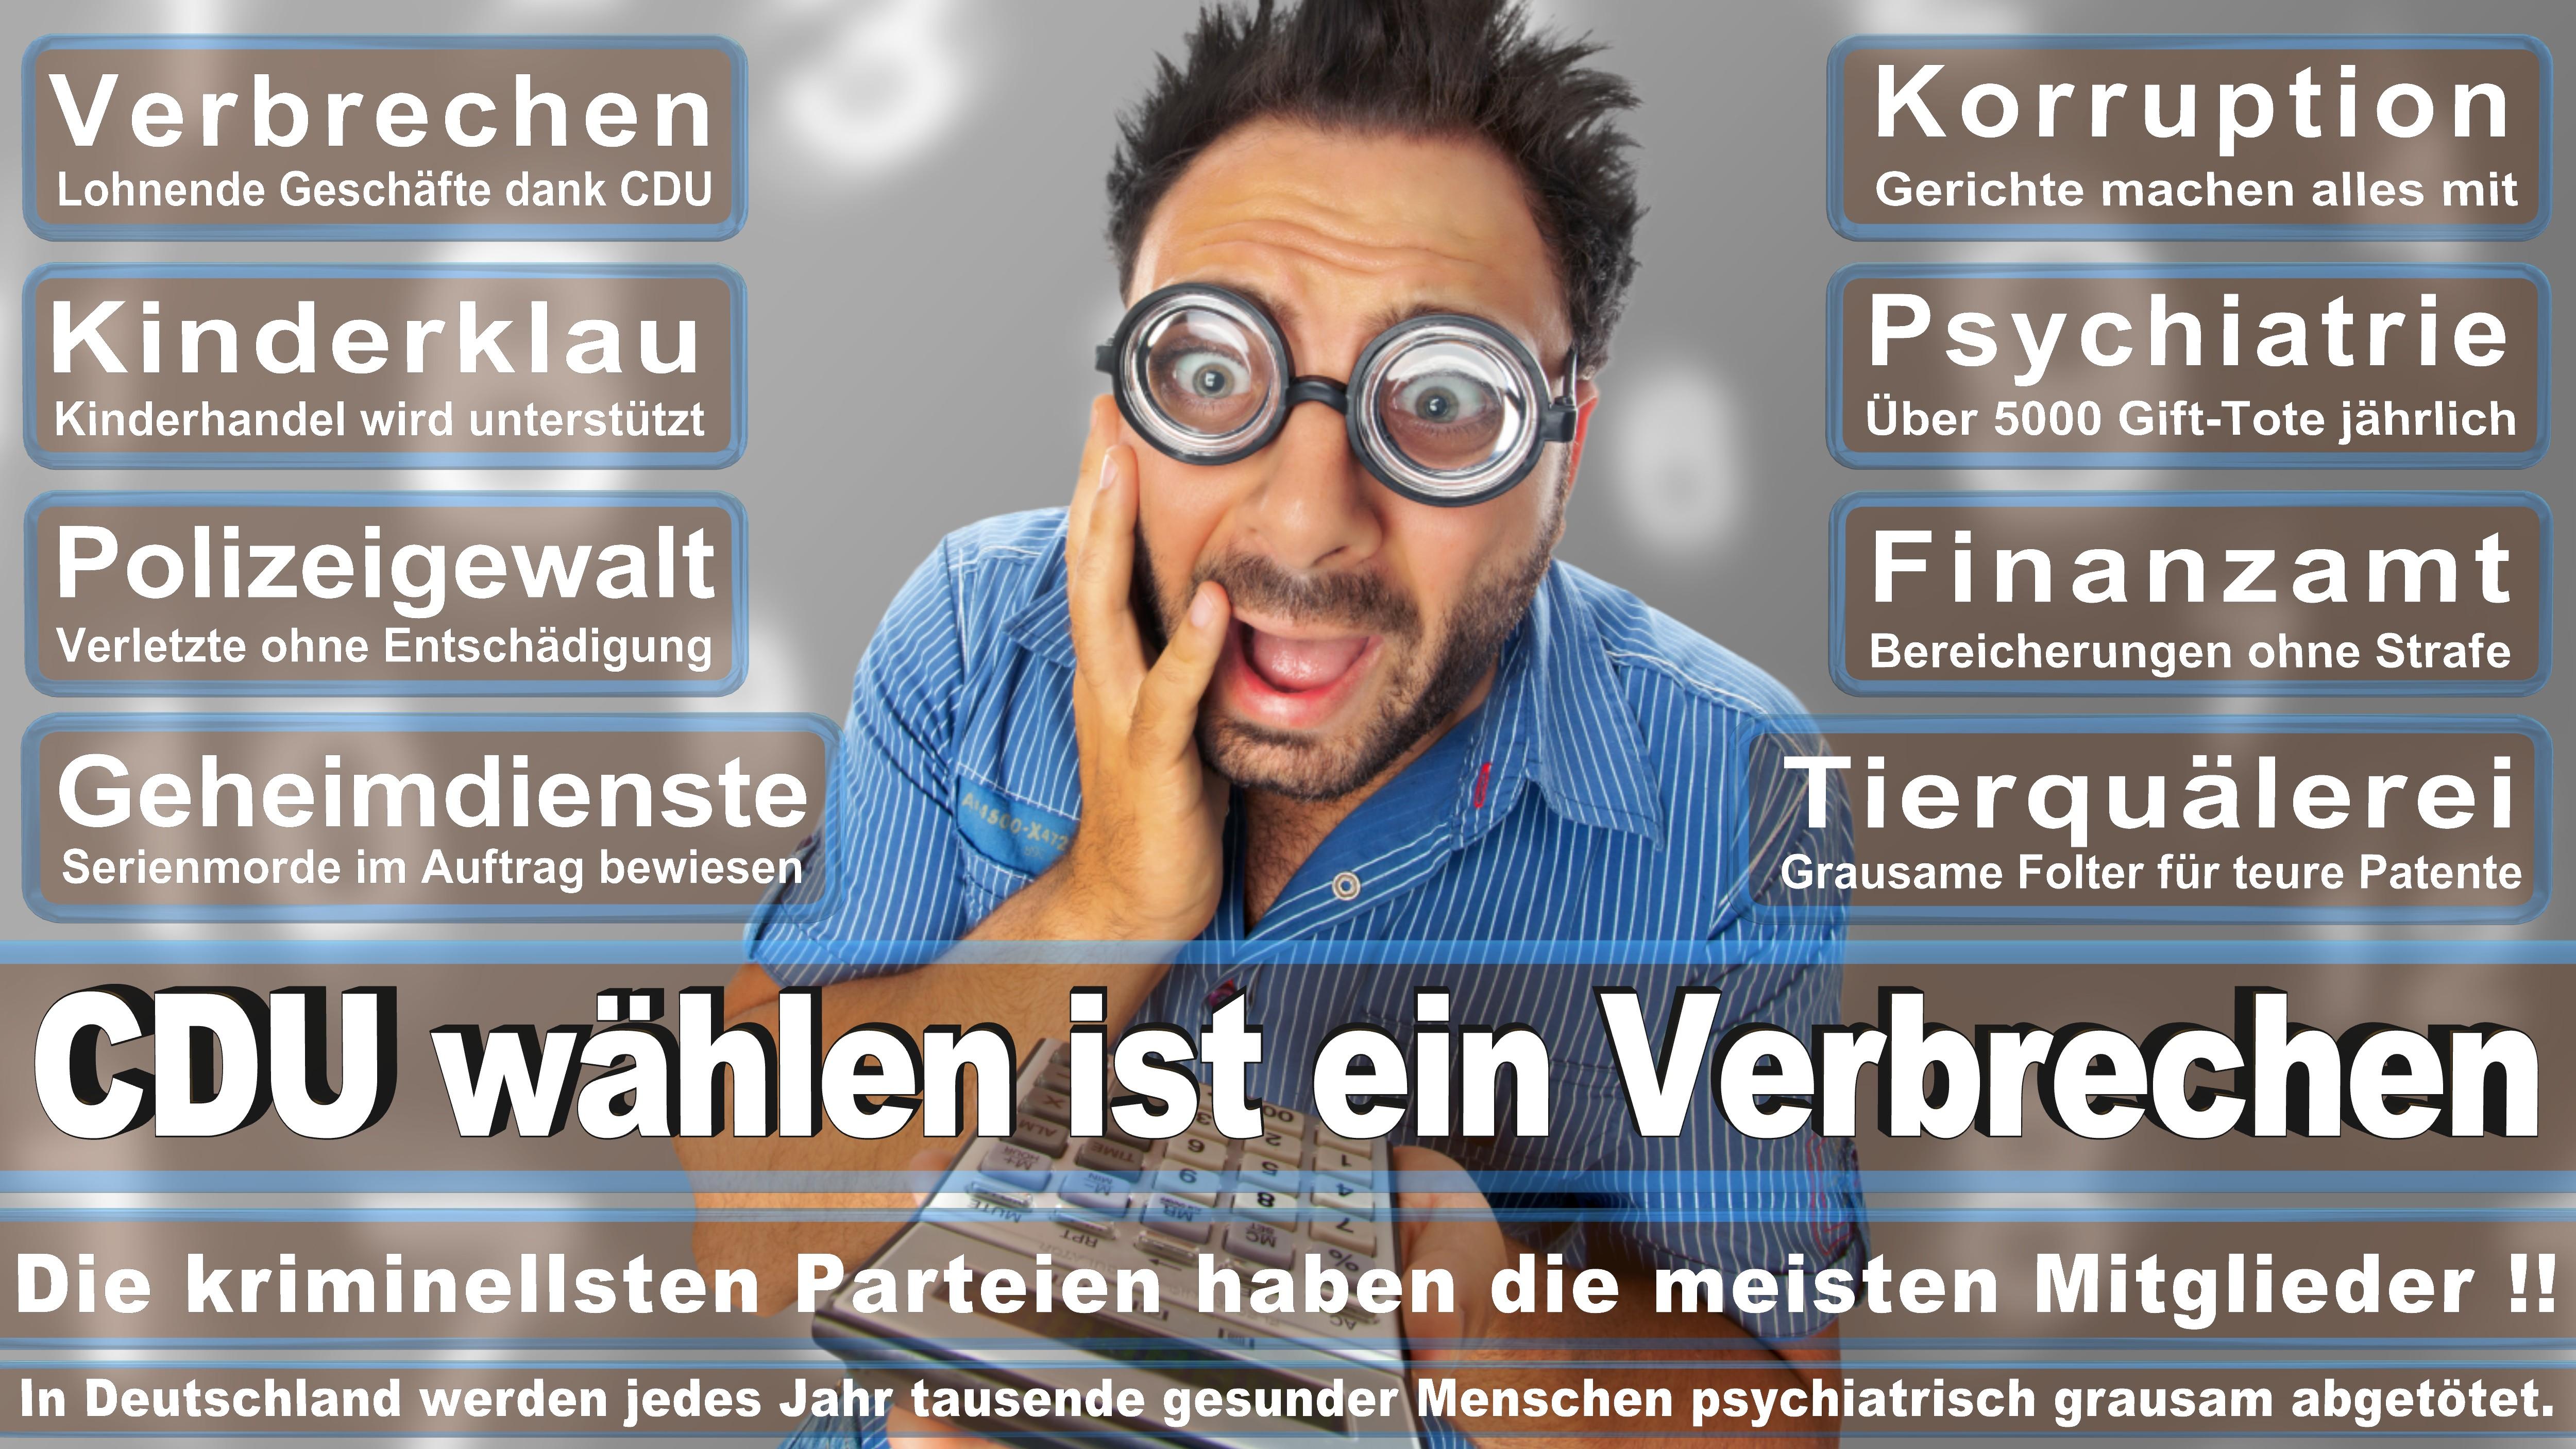 Staatsministerin Bei Der Bundeskanzlerin Und Beauftragte Der Bundesregierung Für Kultur CDU CSU Politiker